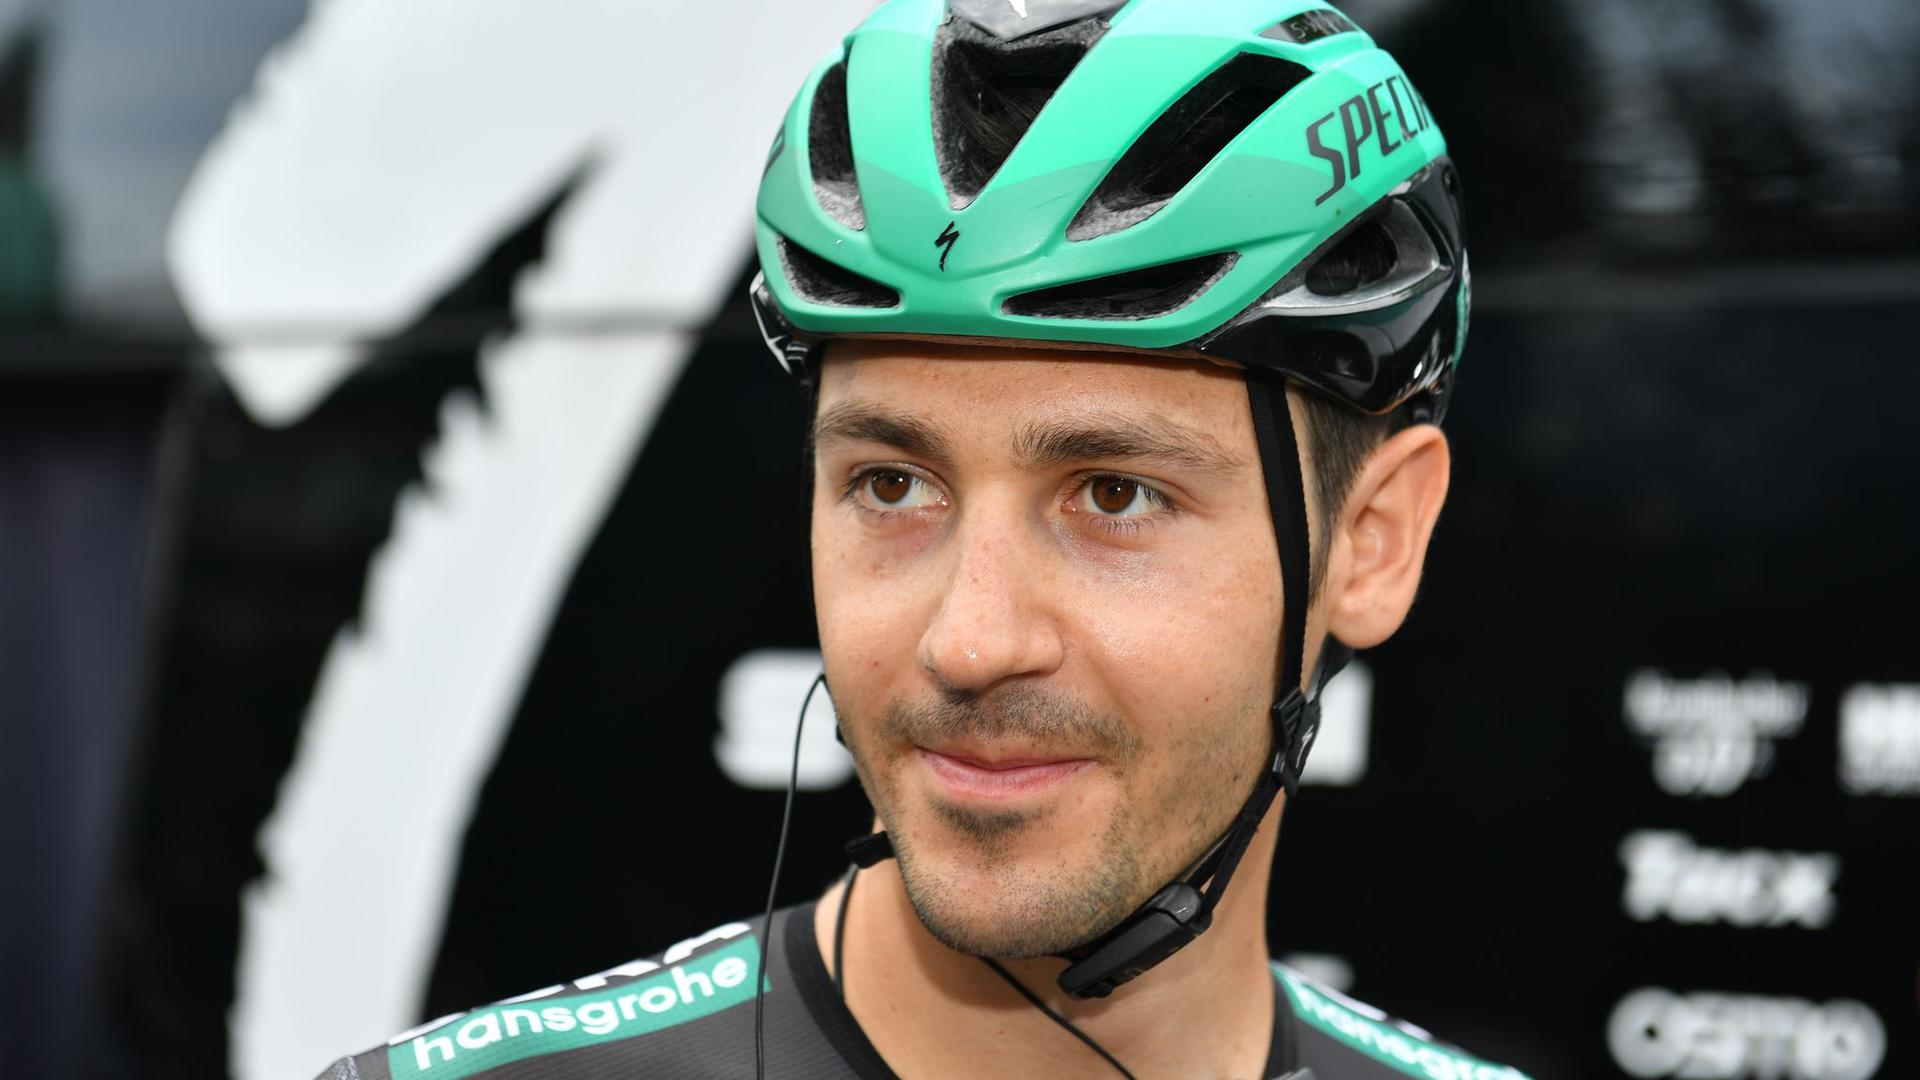 Emanuel Buchmann ist beim olympischen Radrennen dabei.